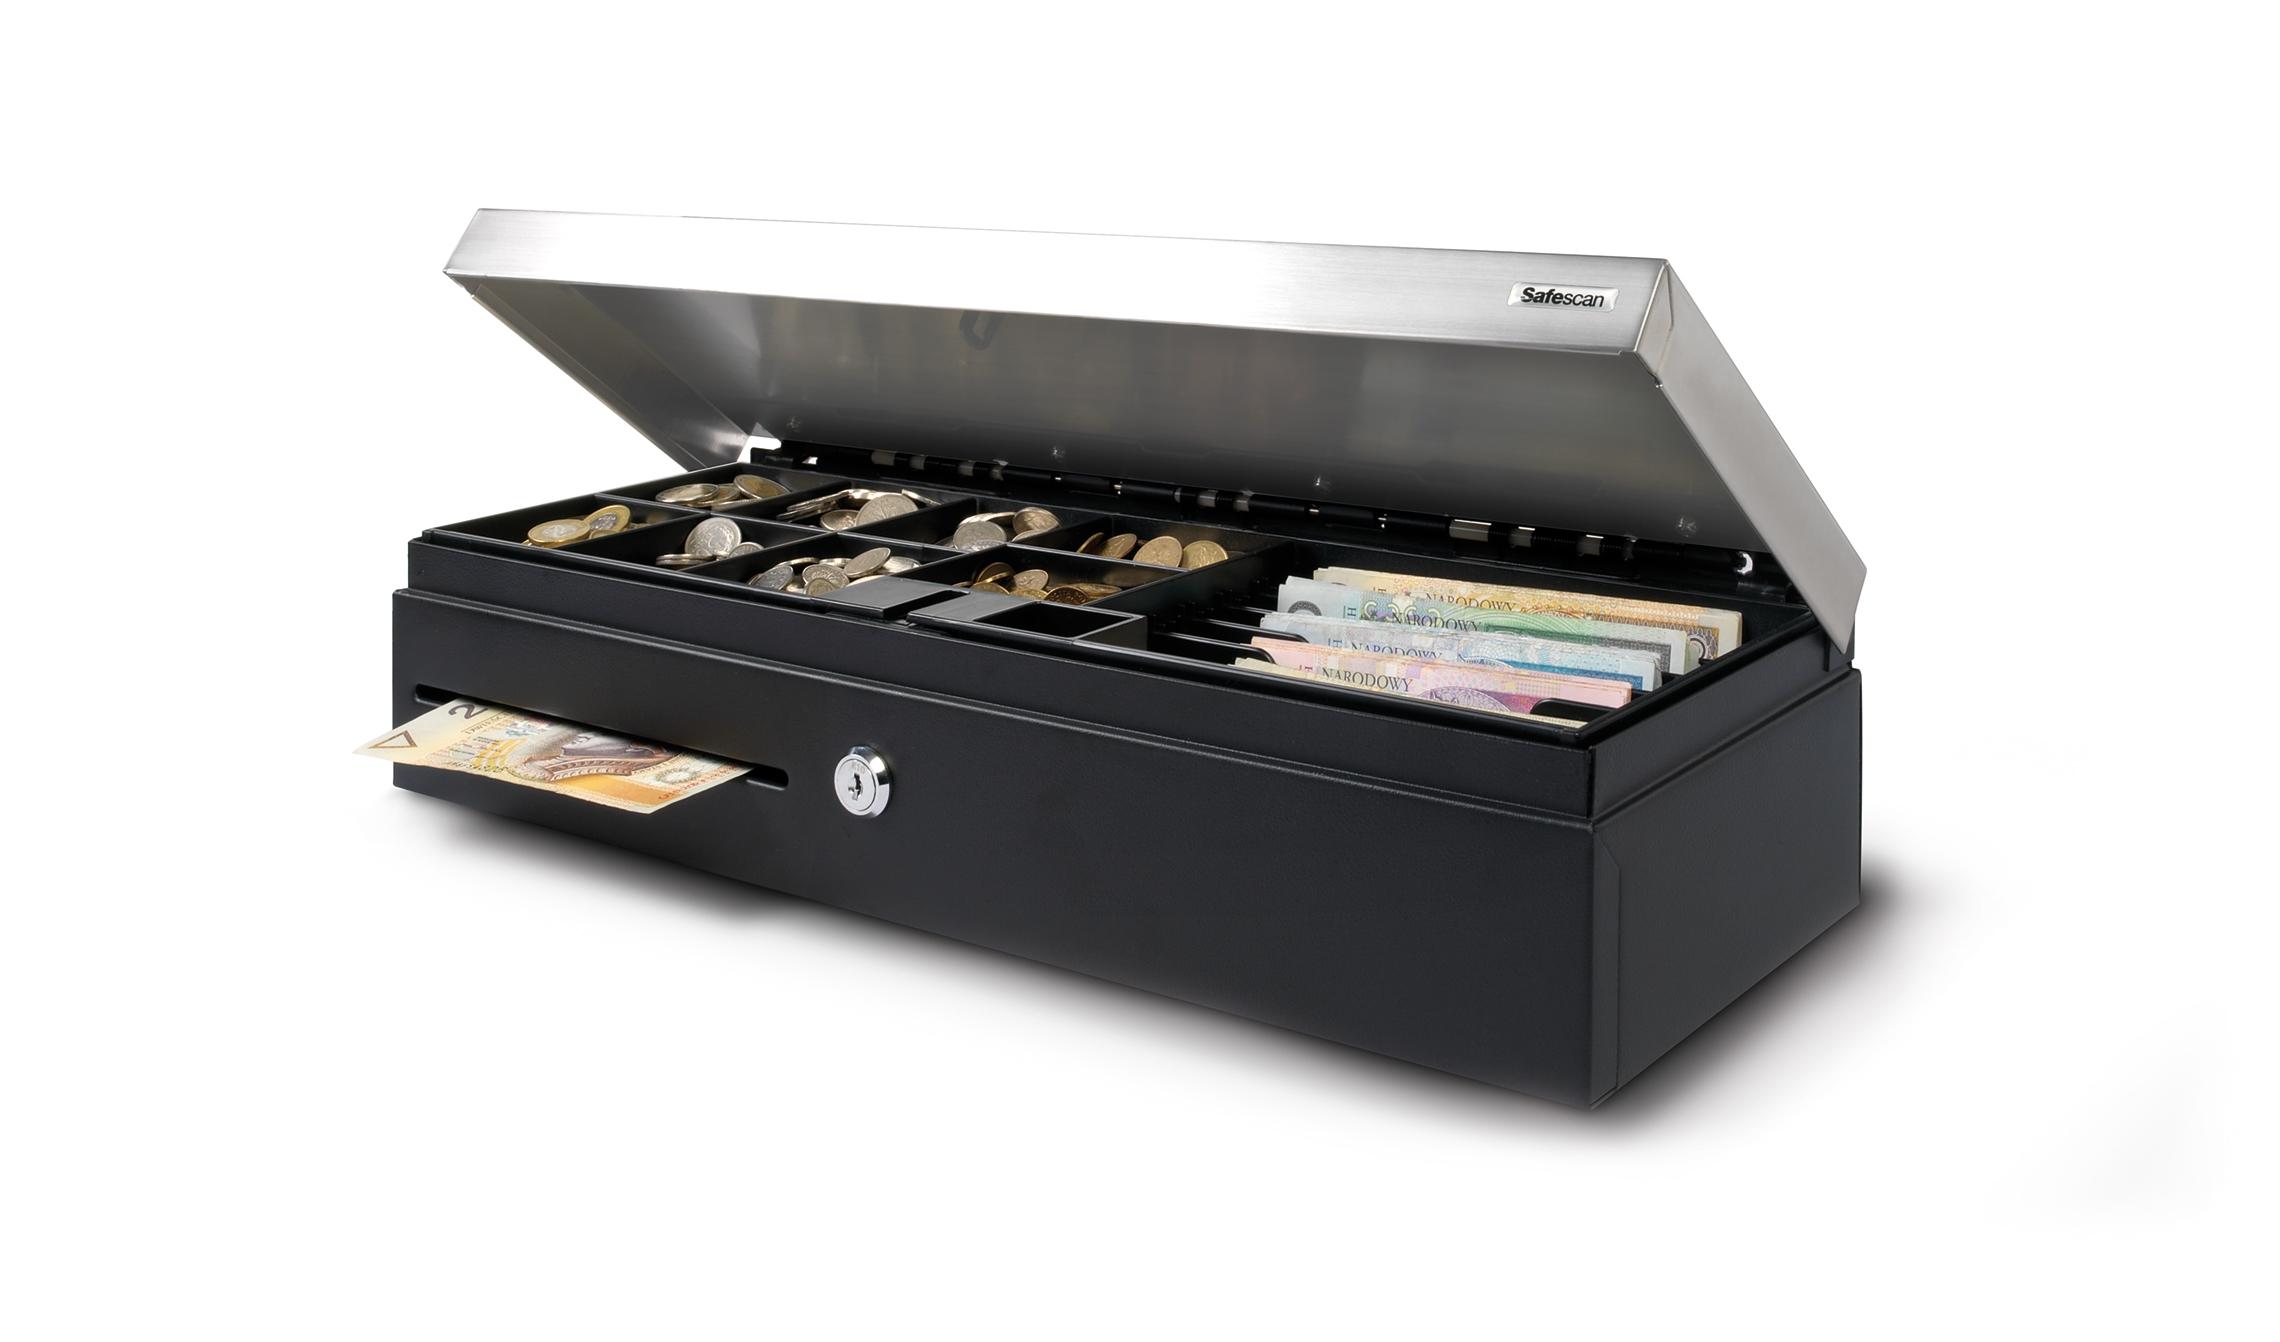 safescan-hd4617s-uklad-przegrodek-szuflady